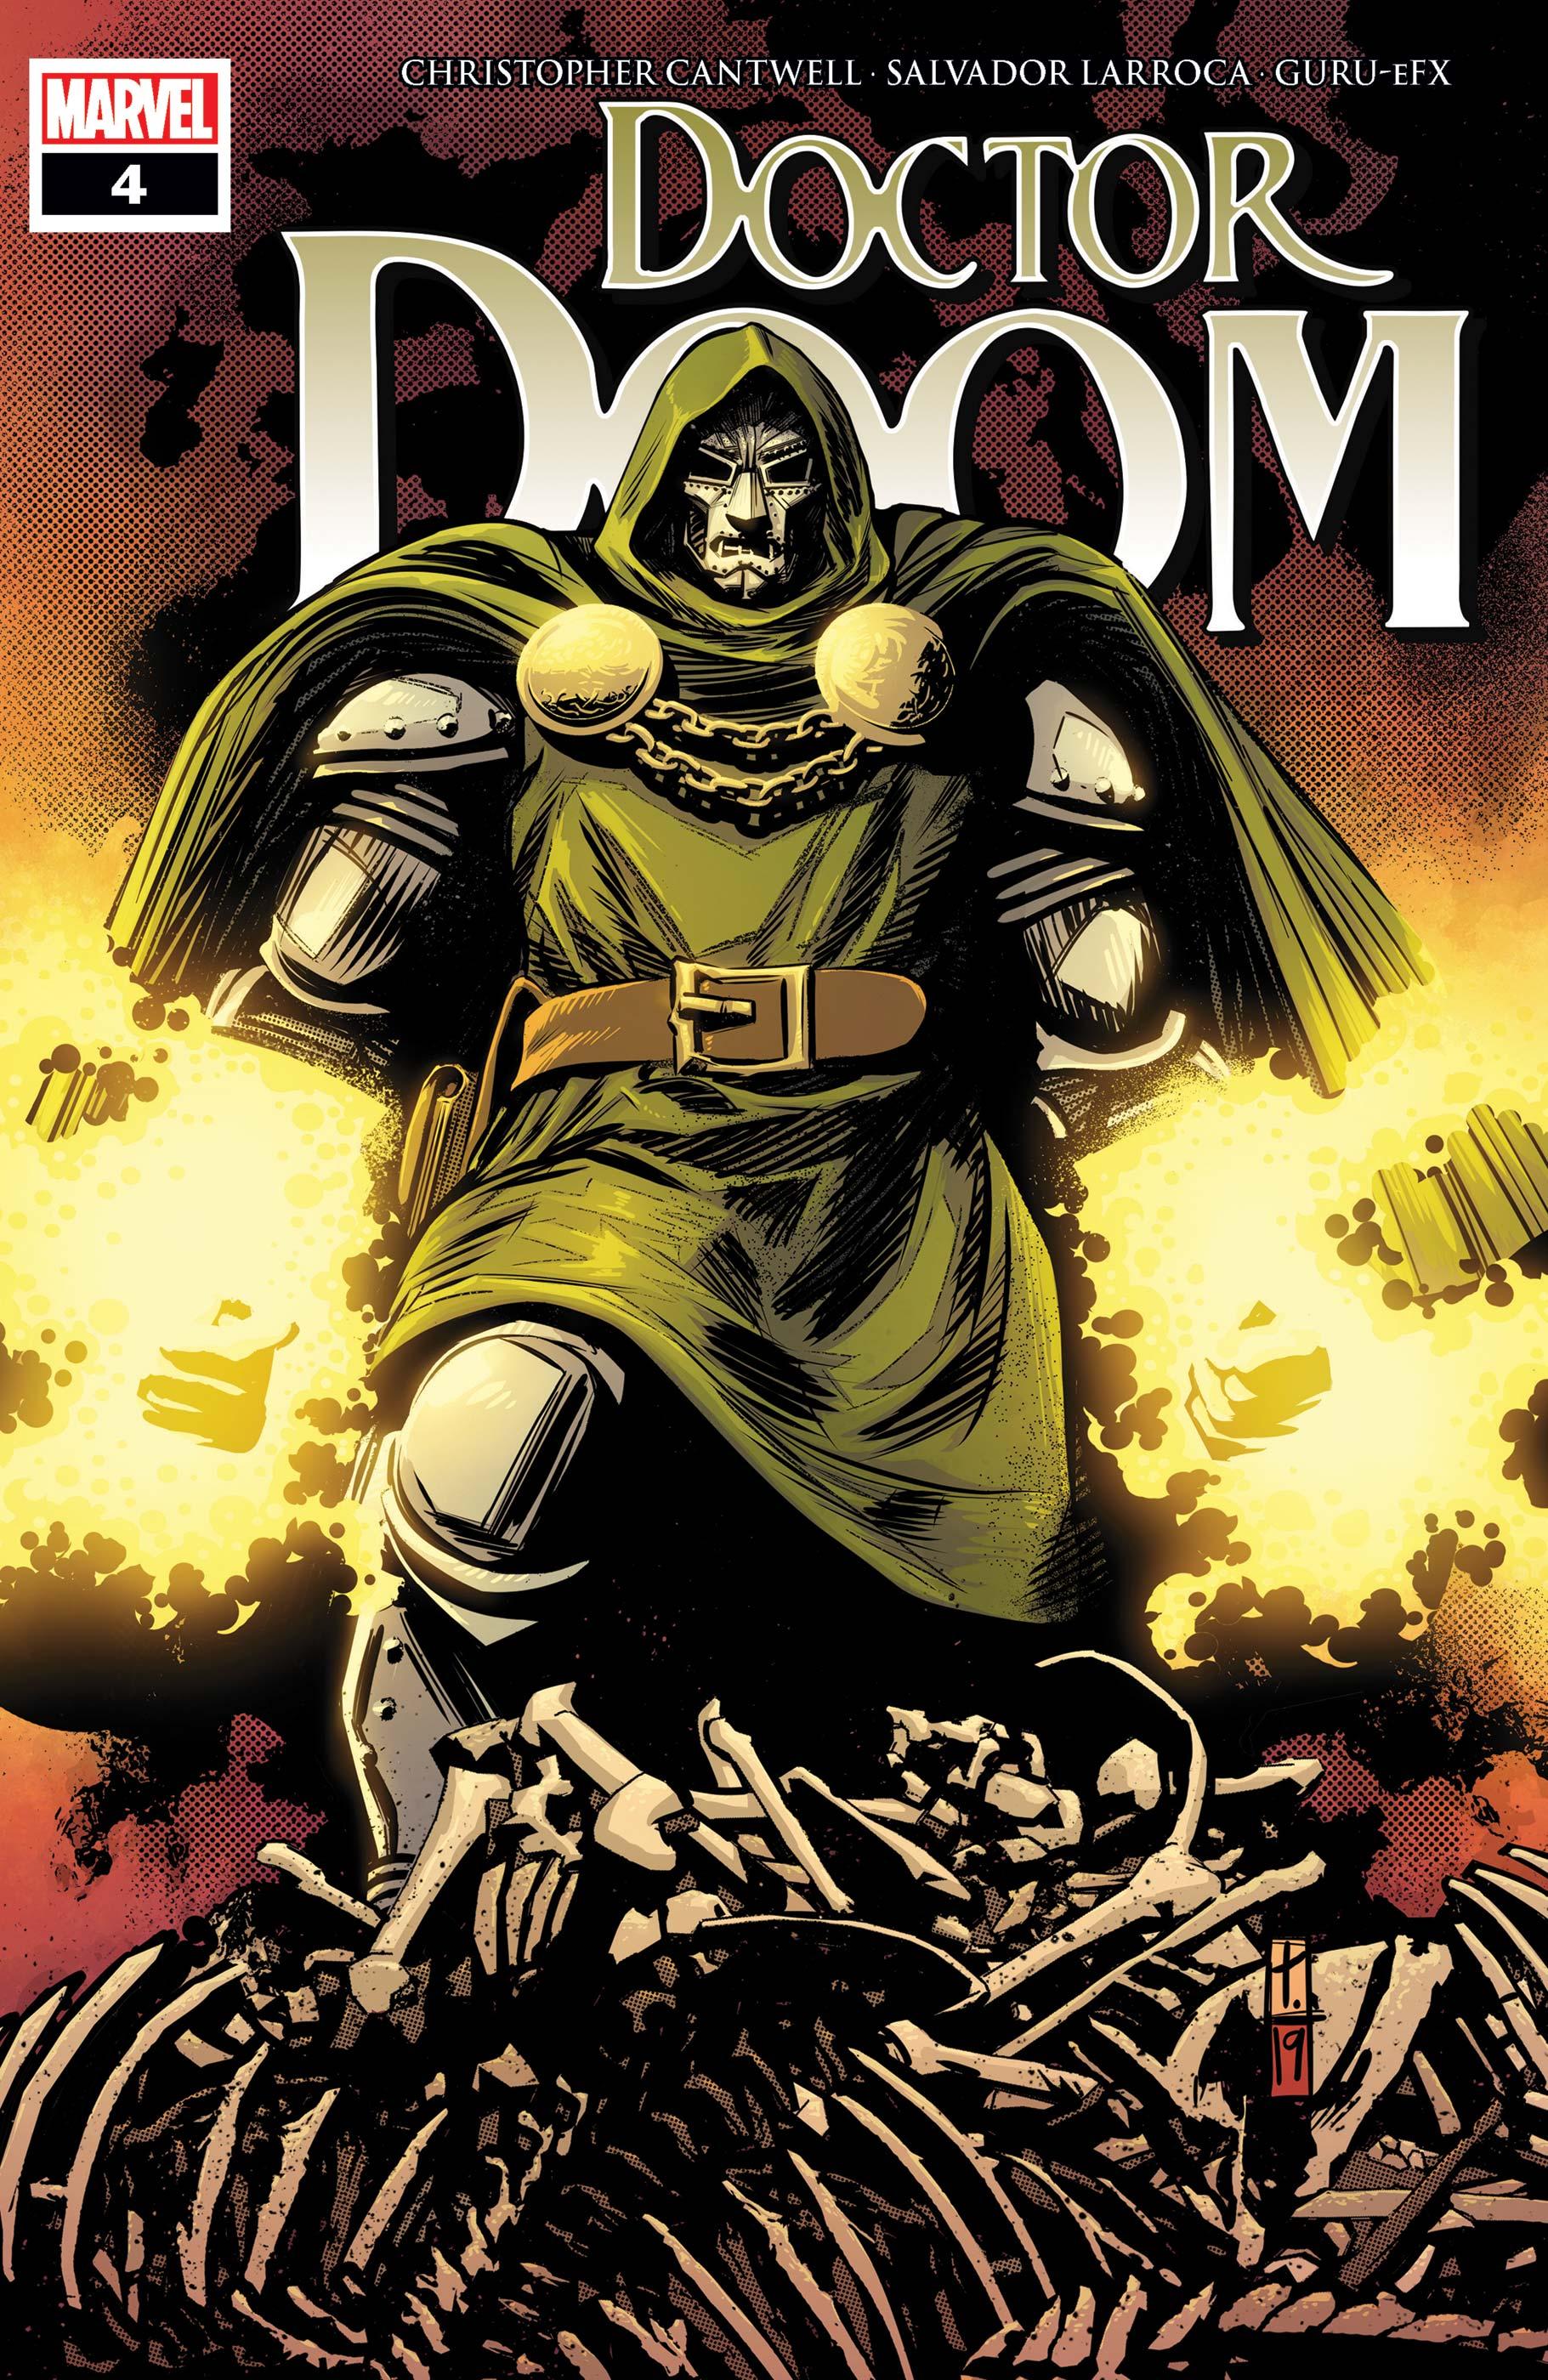 Doctor Doom (2019) #4